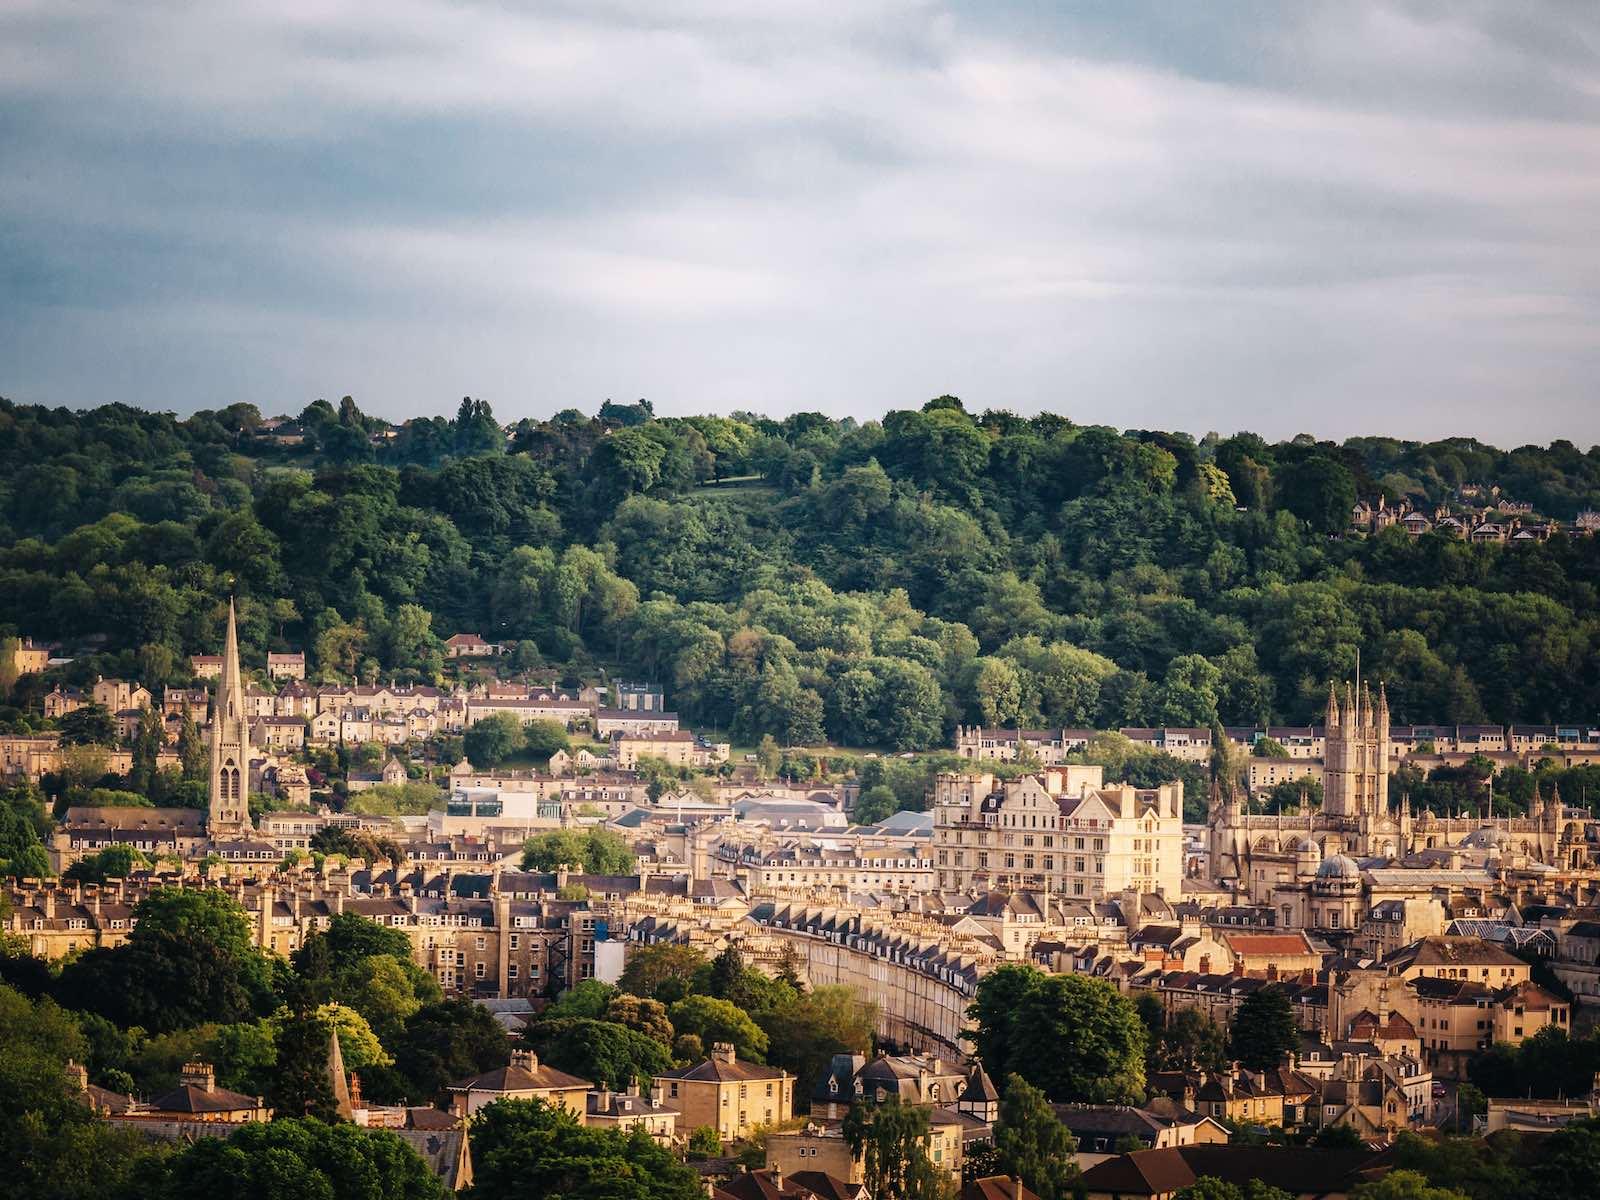 gratis in Bristol en Bath